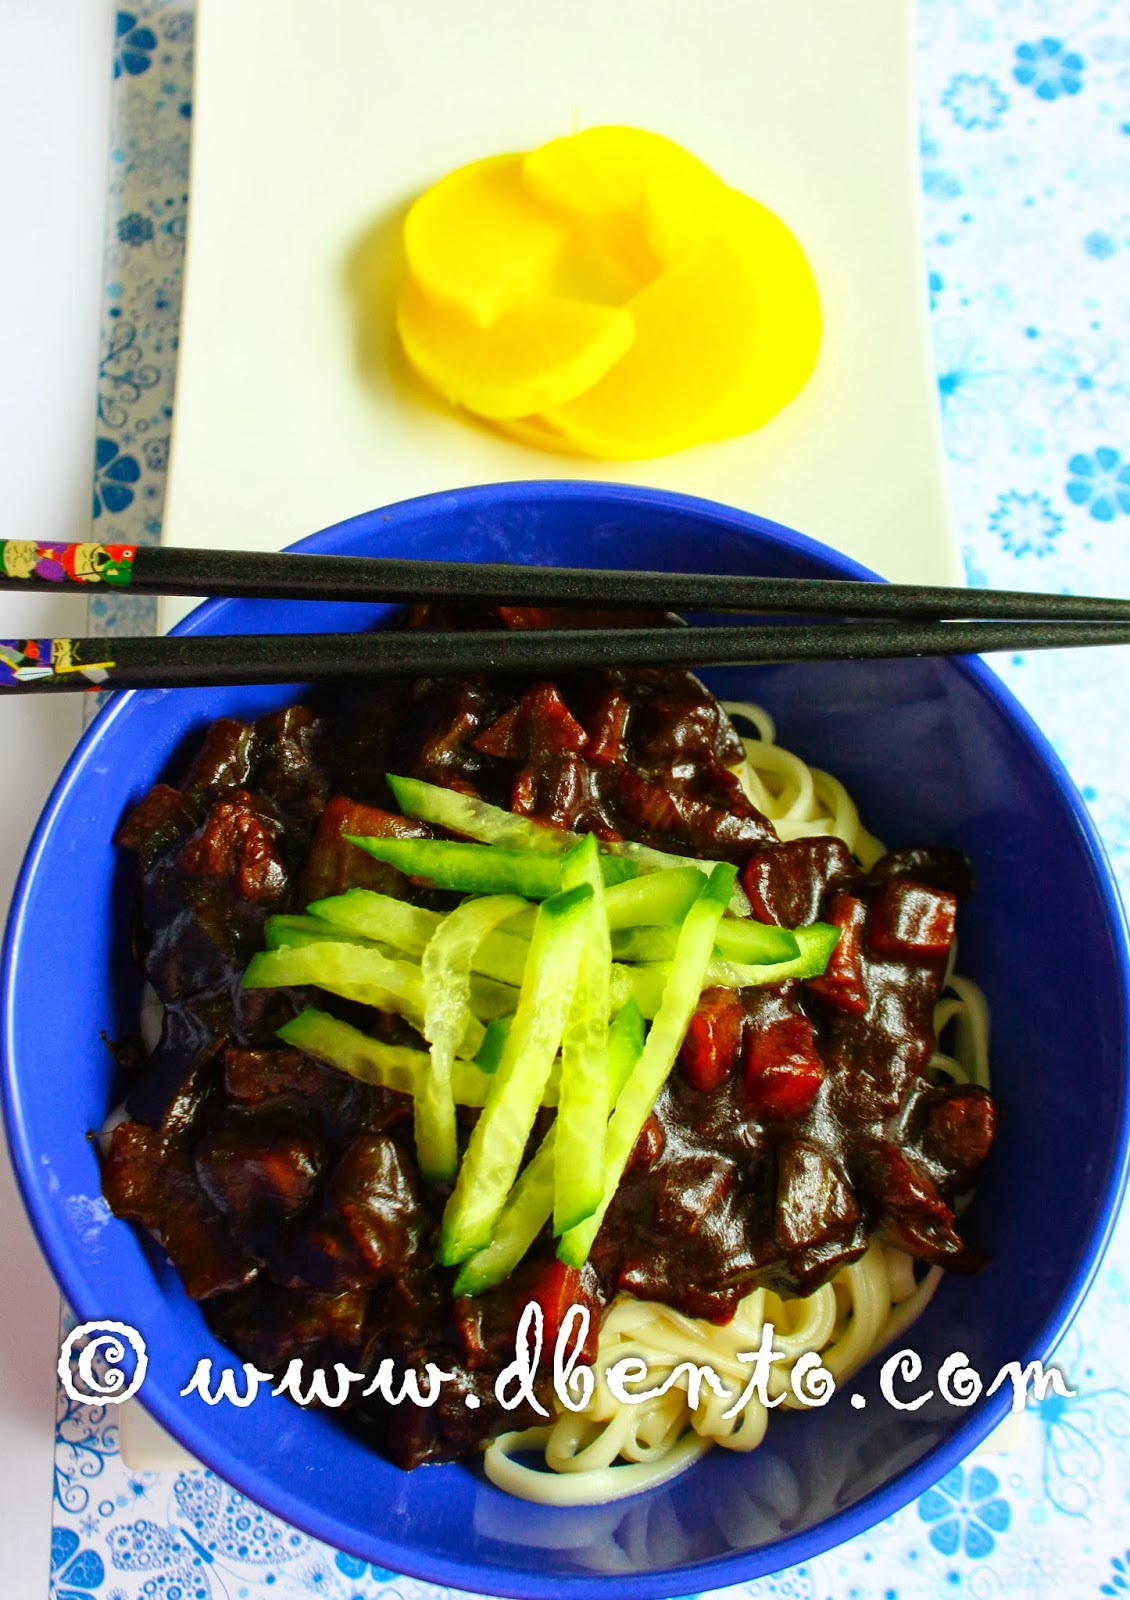 Resep dan cara membuat jajangmyeon